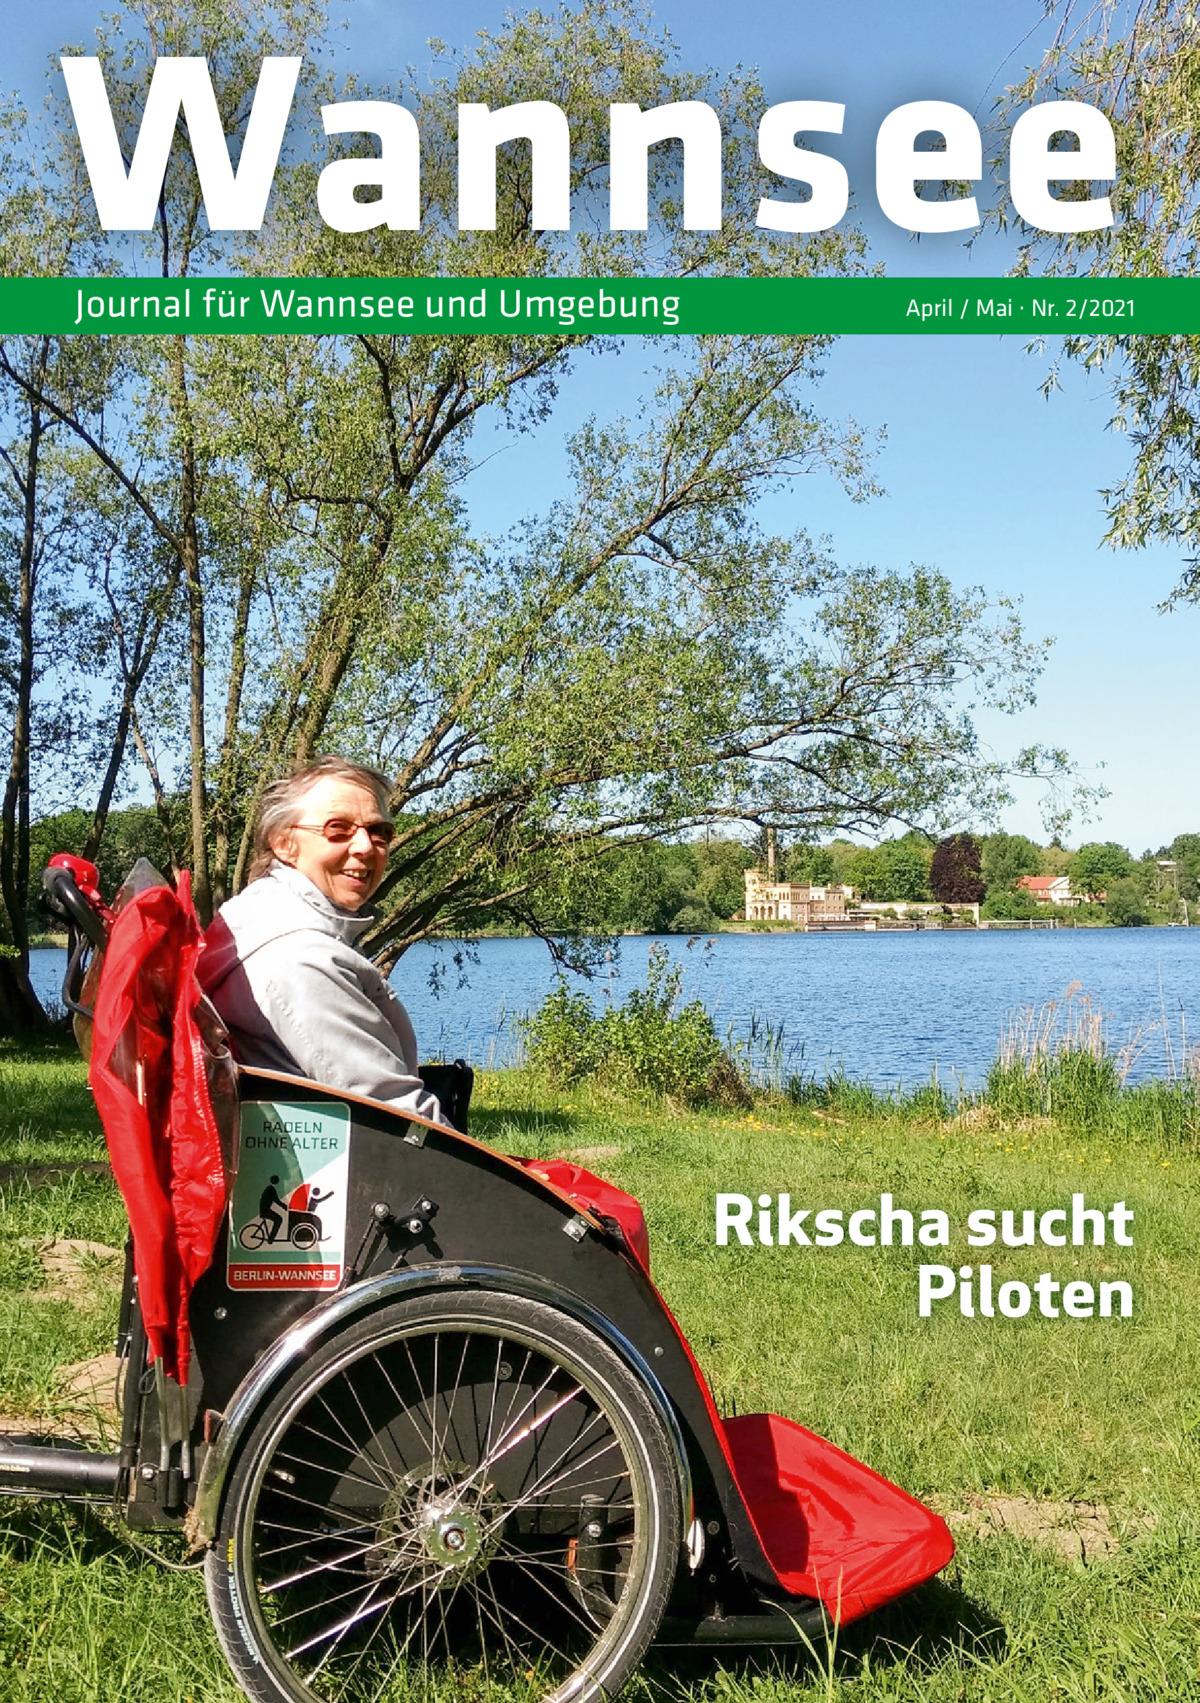 Wannsee Journal für Wannsee und Umgebung  April / Mai · Nr. 2/2021  Rikscha sucht Piloten